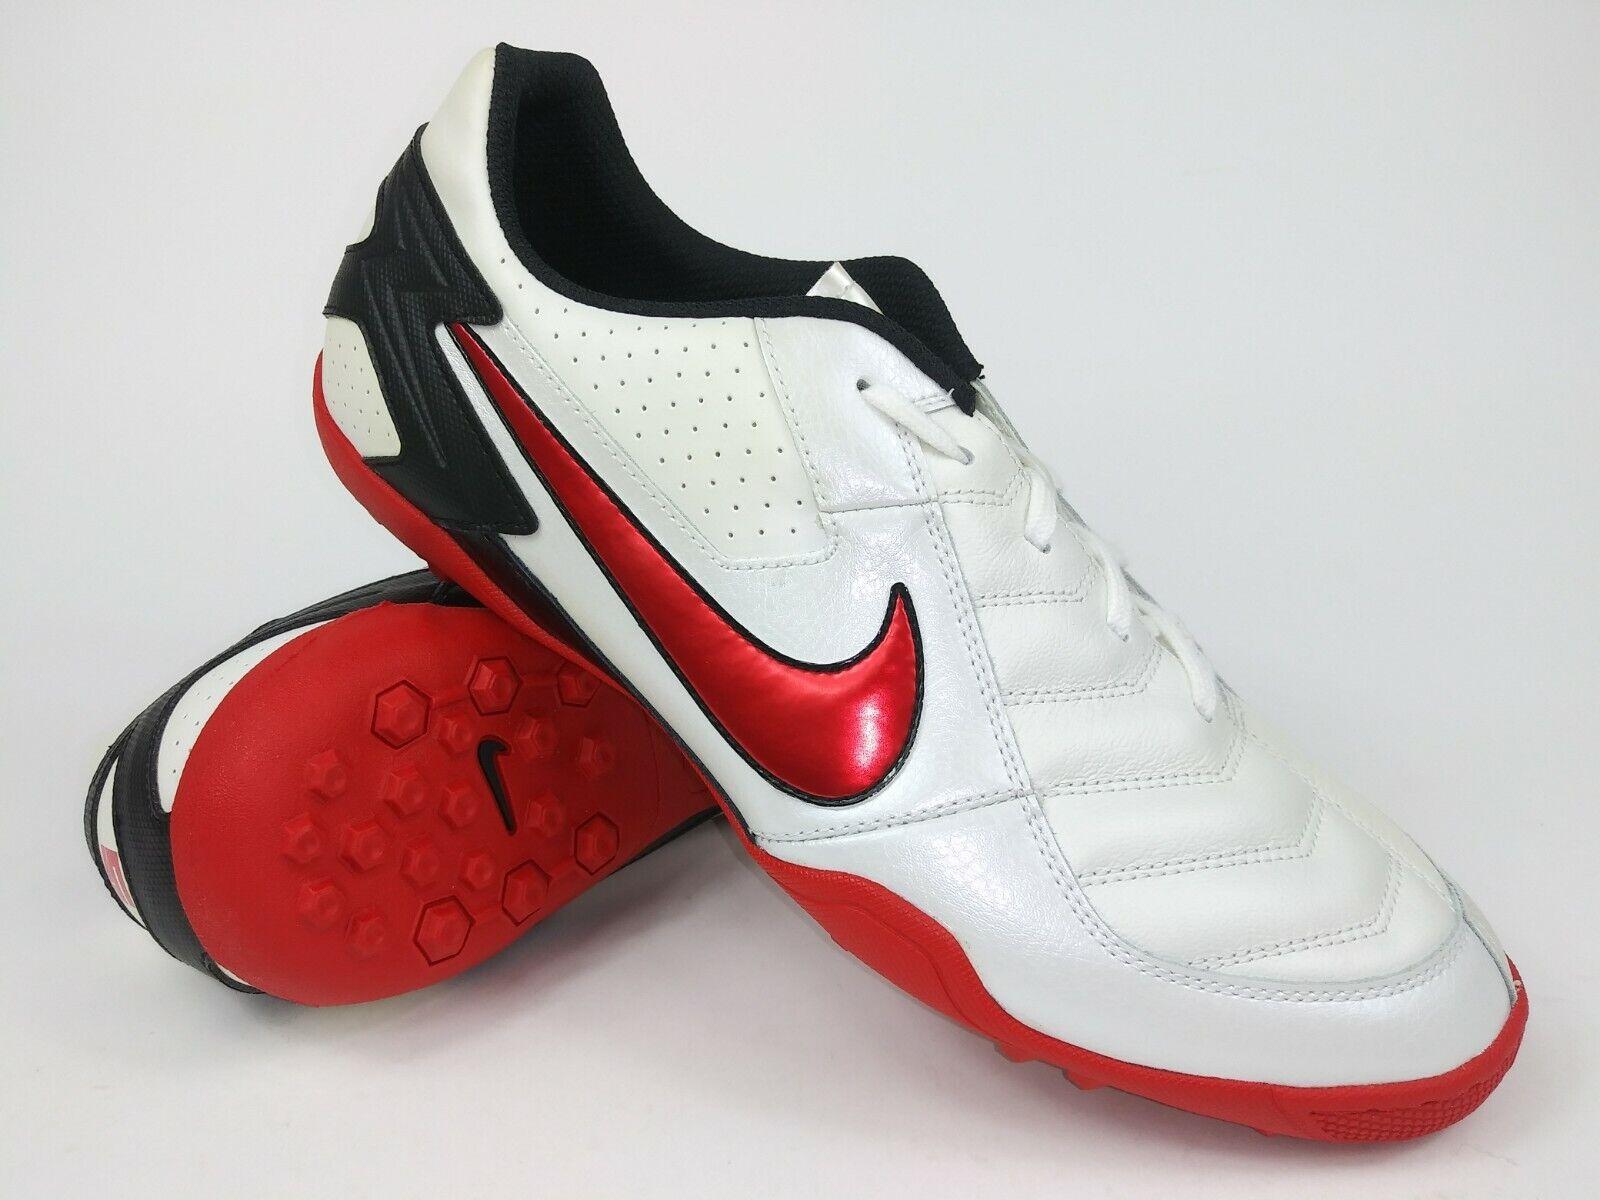 Nike Hombre Raro Nike 5 T-3 Compacto Roscada Horquilla 344938-161 blancoo Rojo botas Zapatos Botines De Fútbol